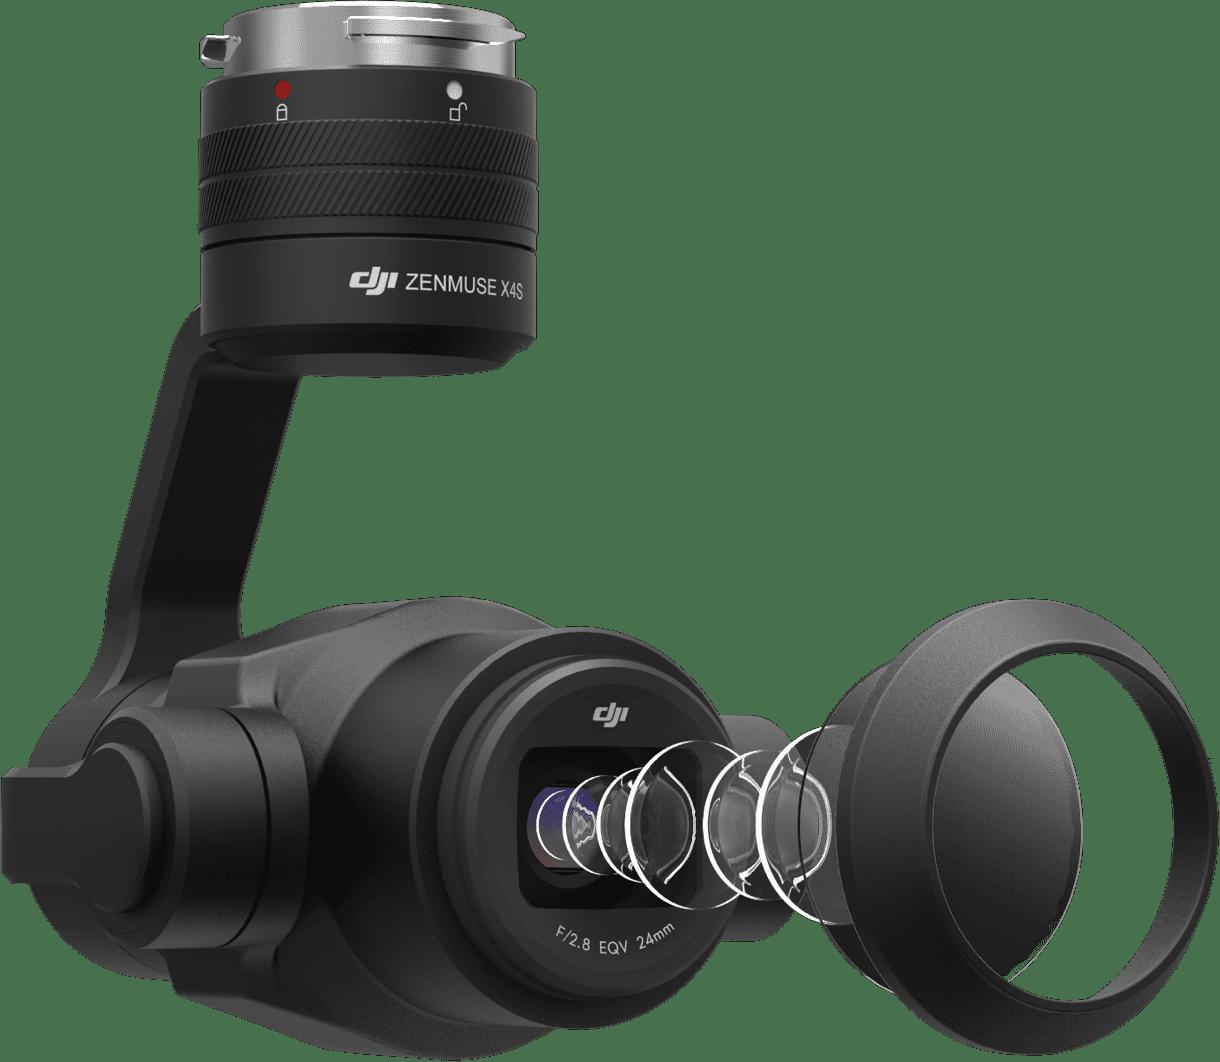 Дрон DJI Inspire 2 с камерой Zenmuse x4S (trade in)-2